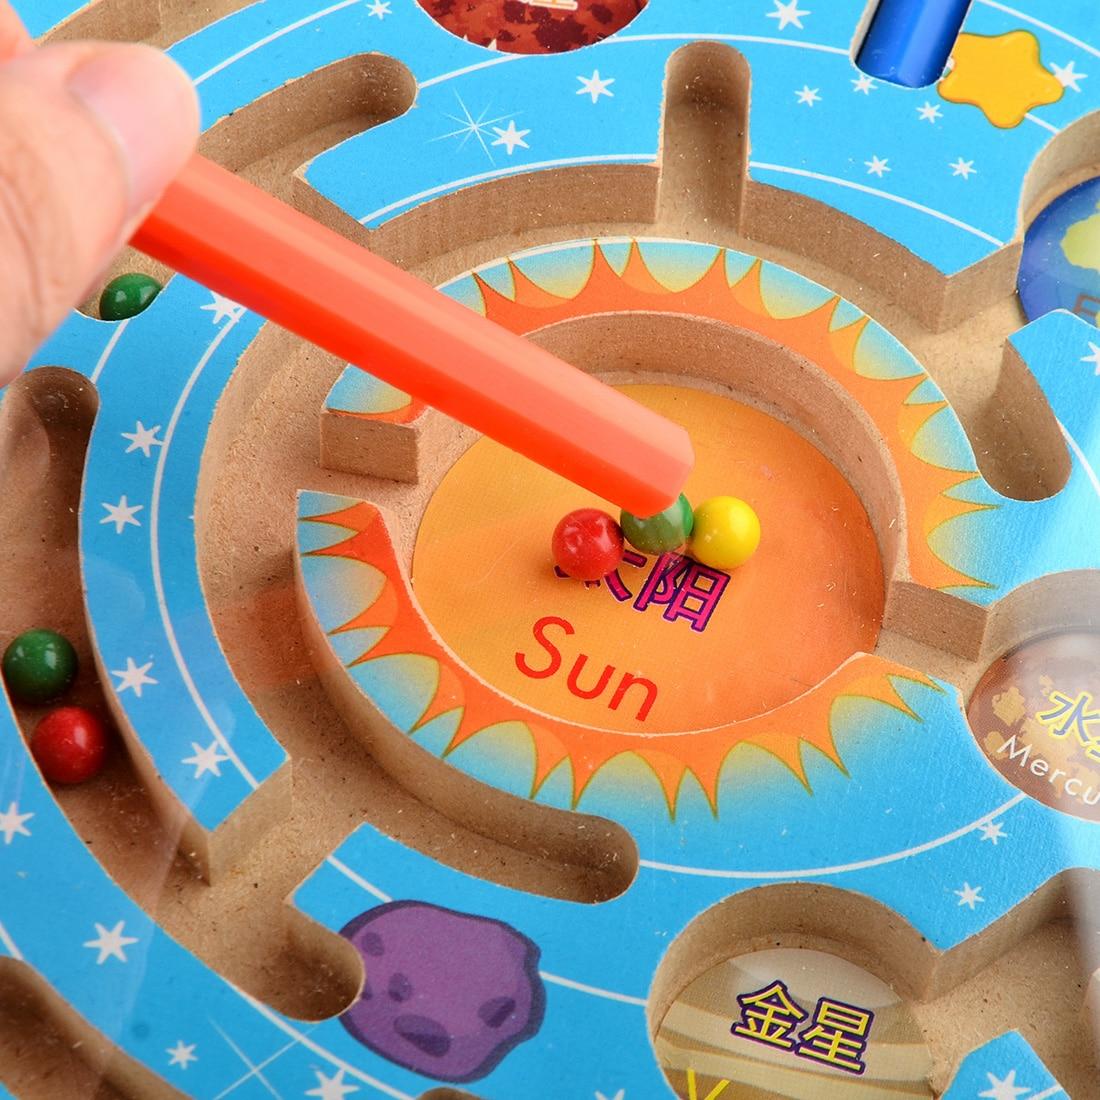 UTOYSLAND magneter pussel labyrint barn träleksaker nio planeter - Spel och pussel - Foto 6